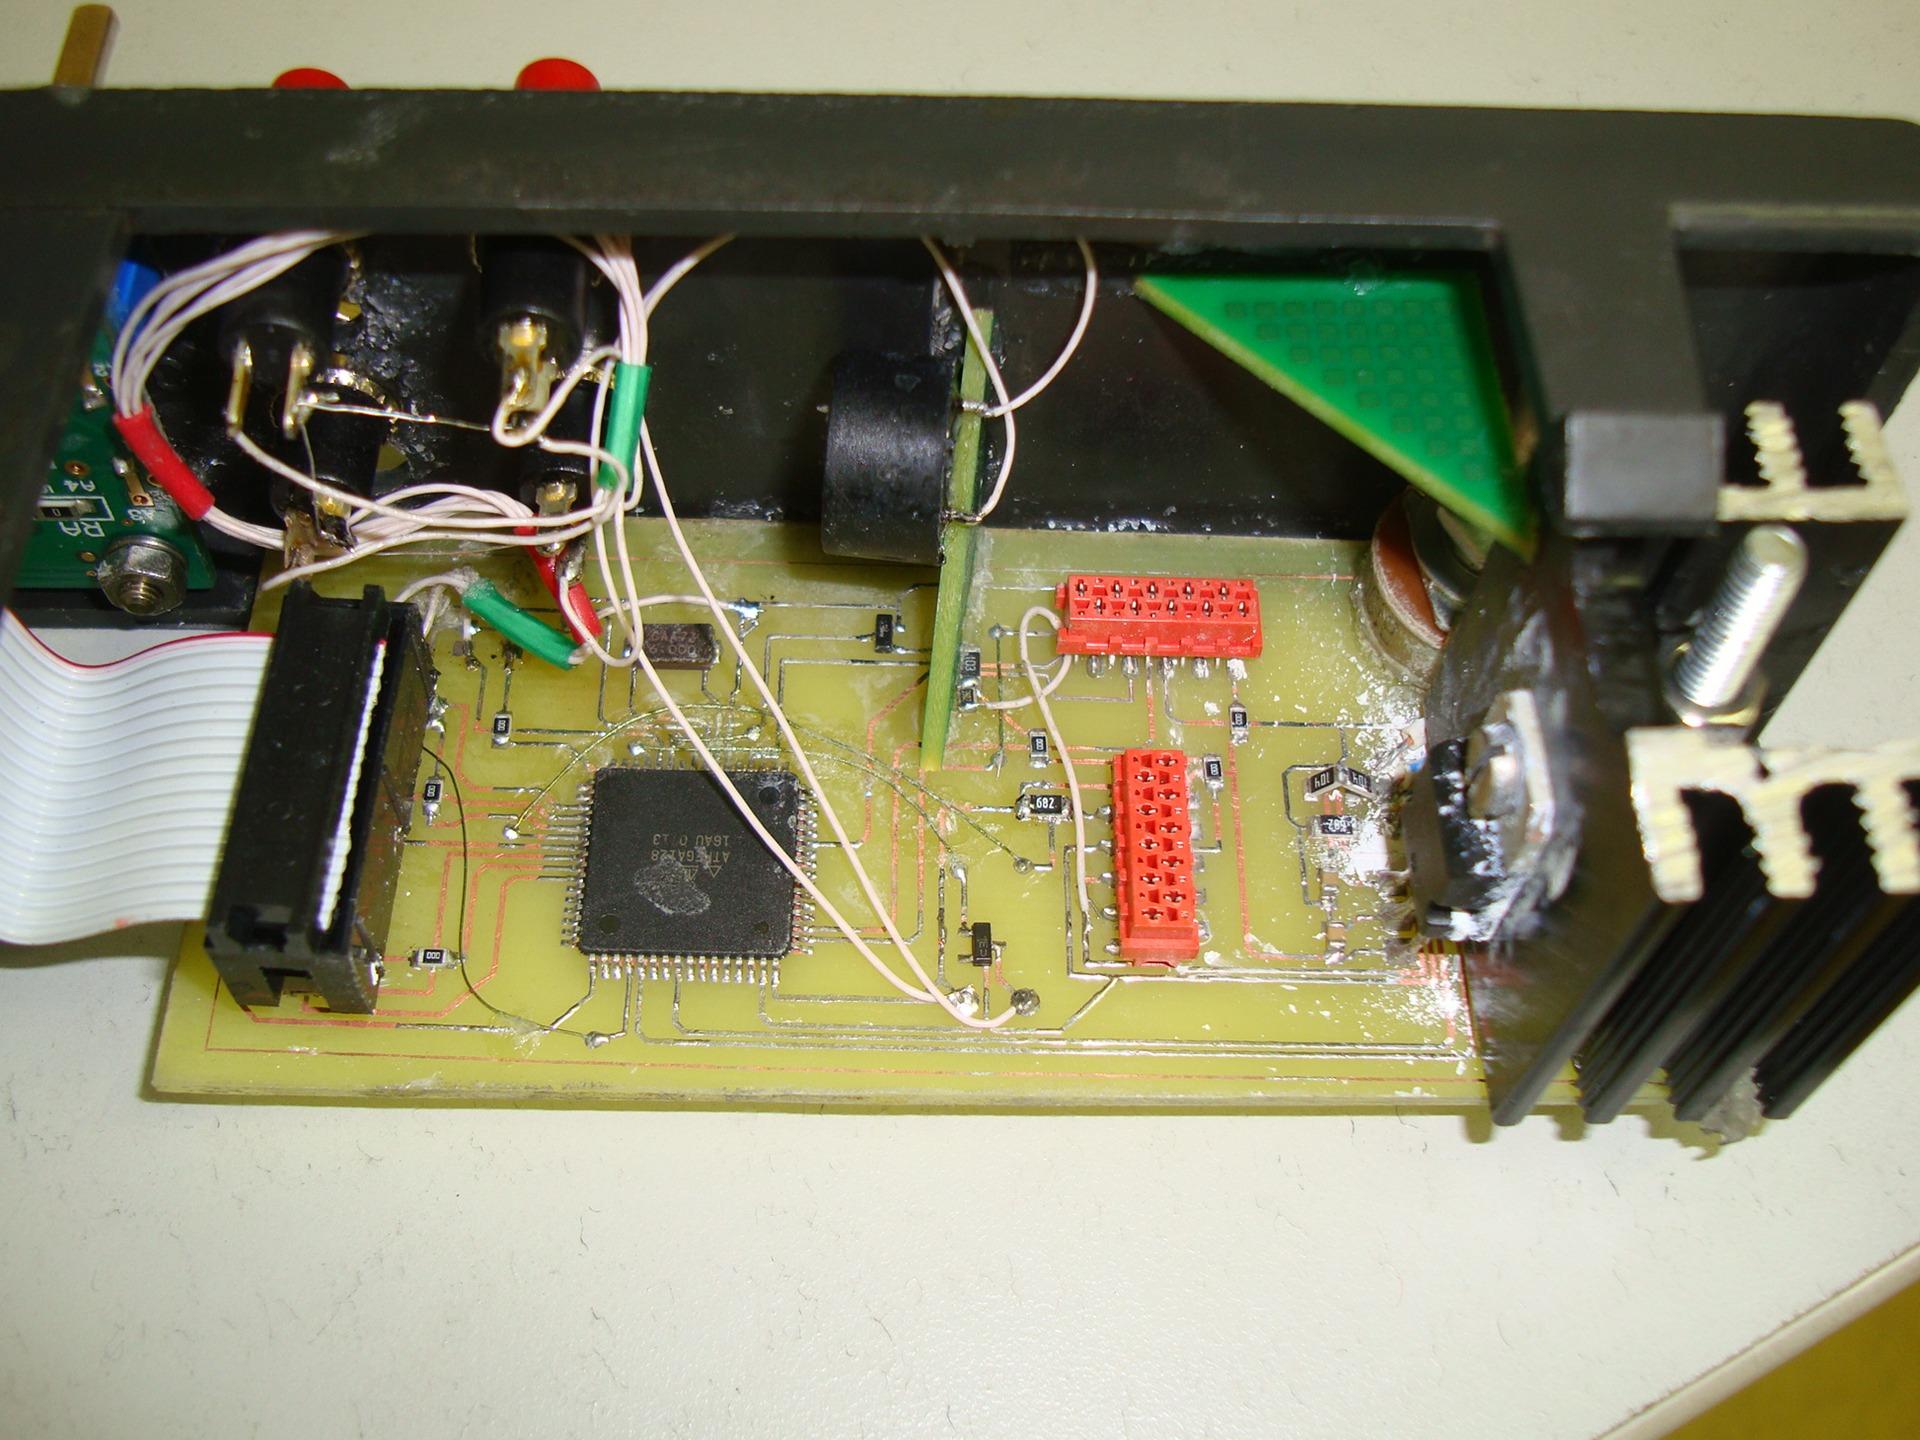 Компьютер своими руками фото 222-188